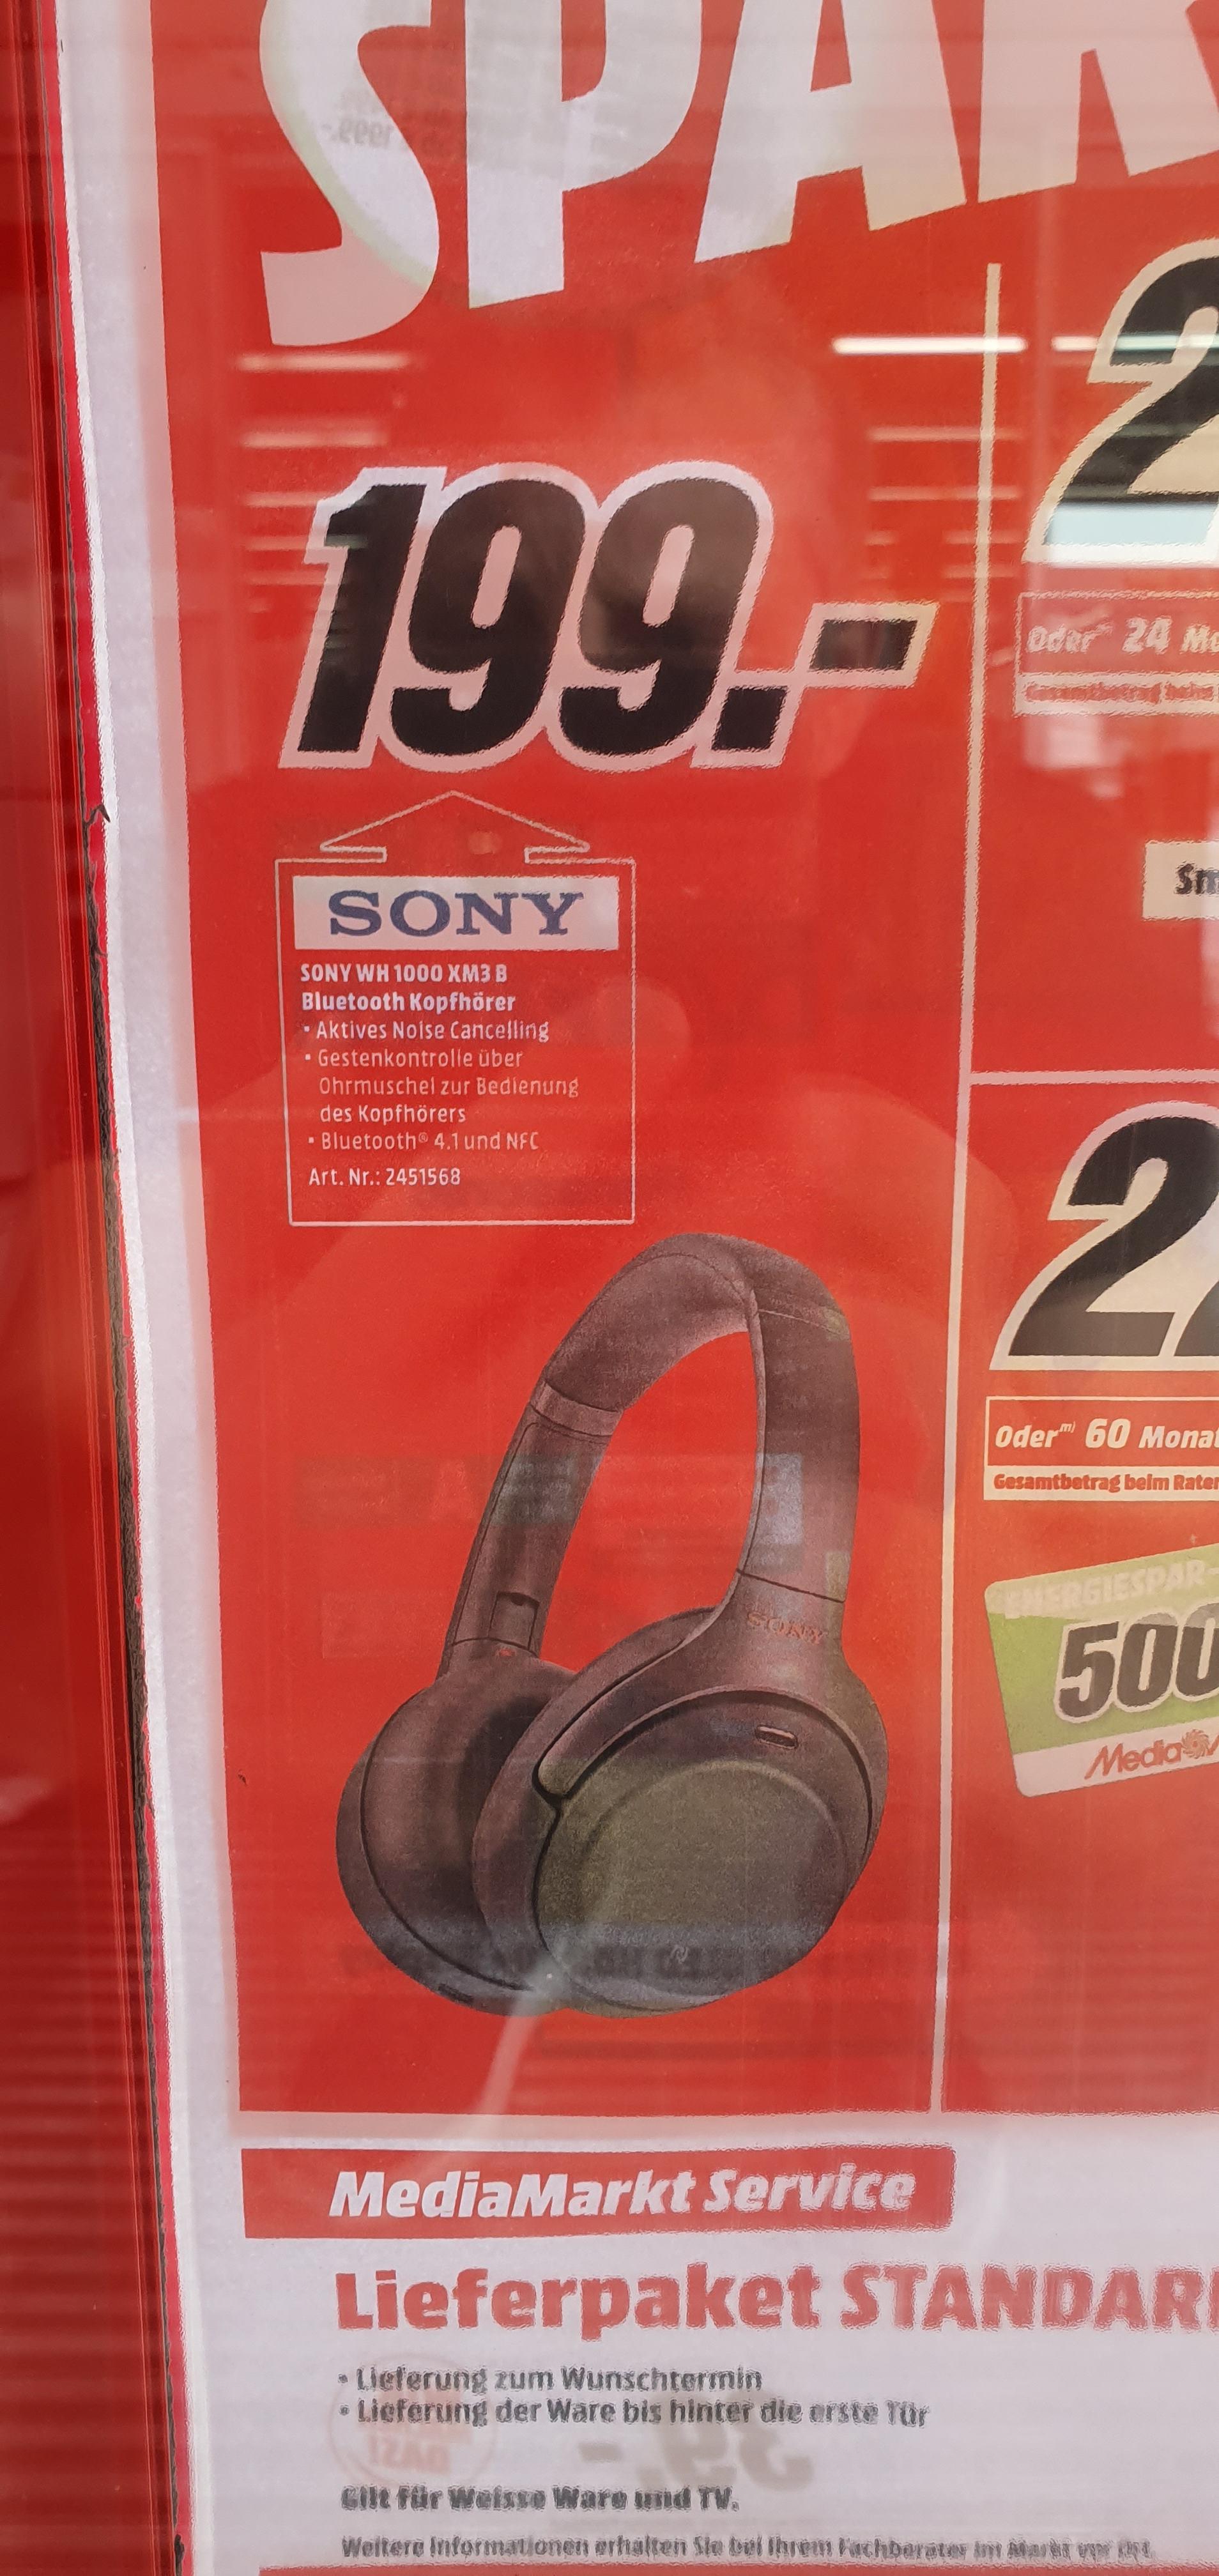 Regional Mediamarkt  PortaWestfalica- Sony WH-1000XM3 schwarz für 199€